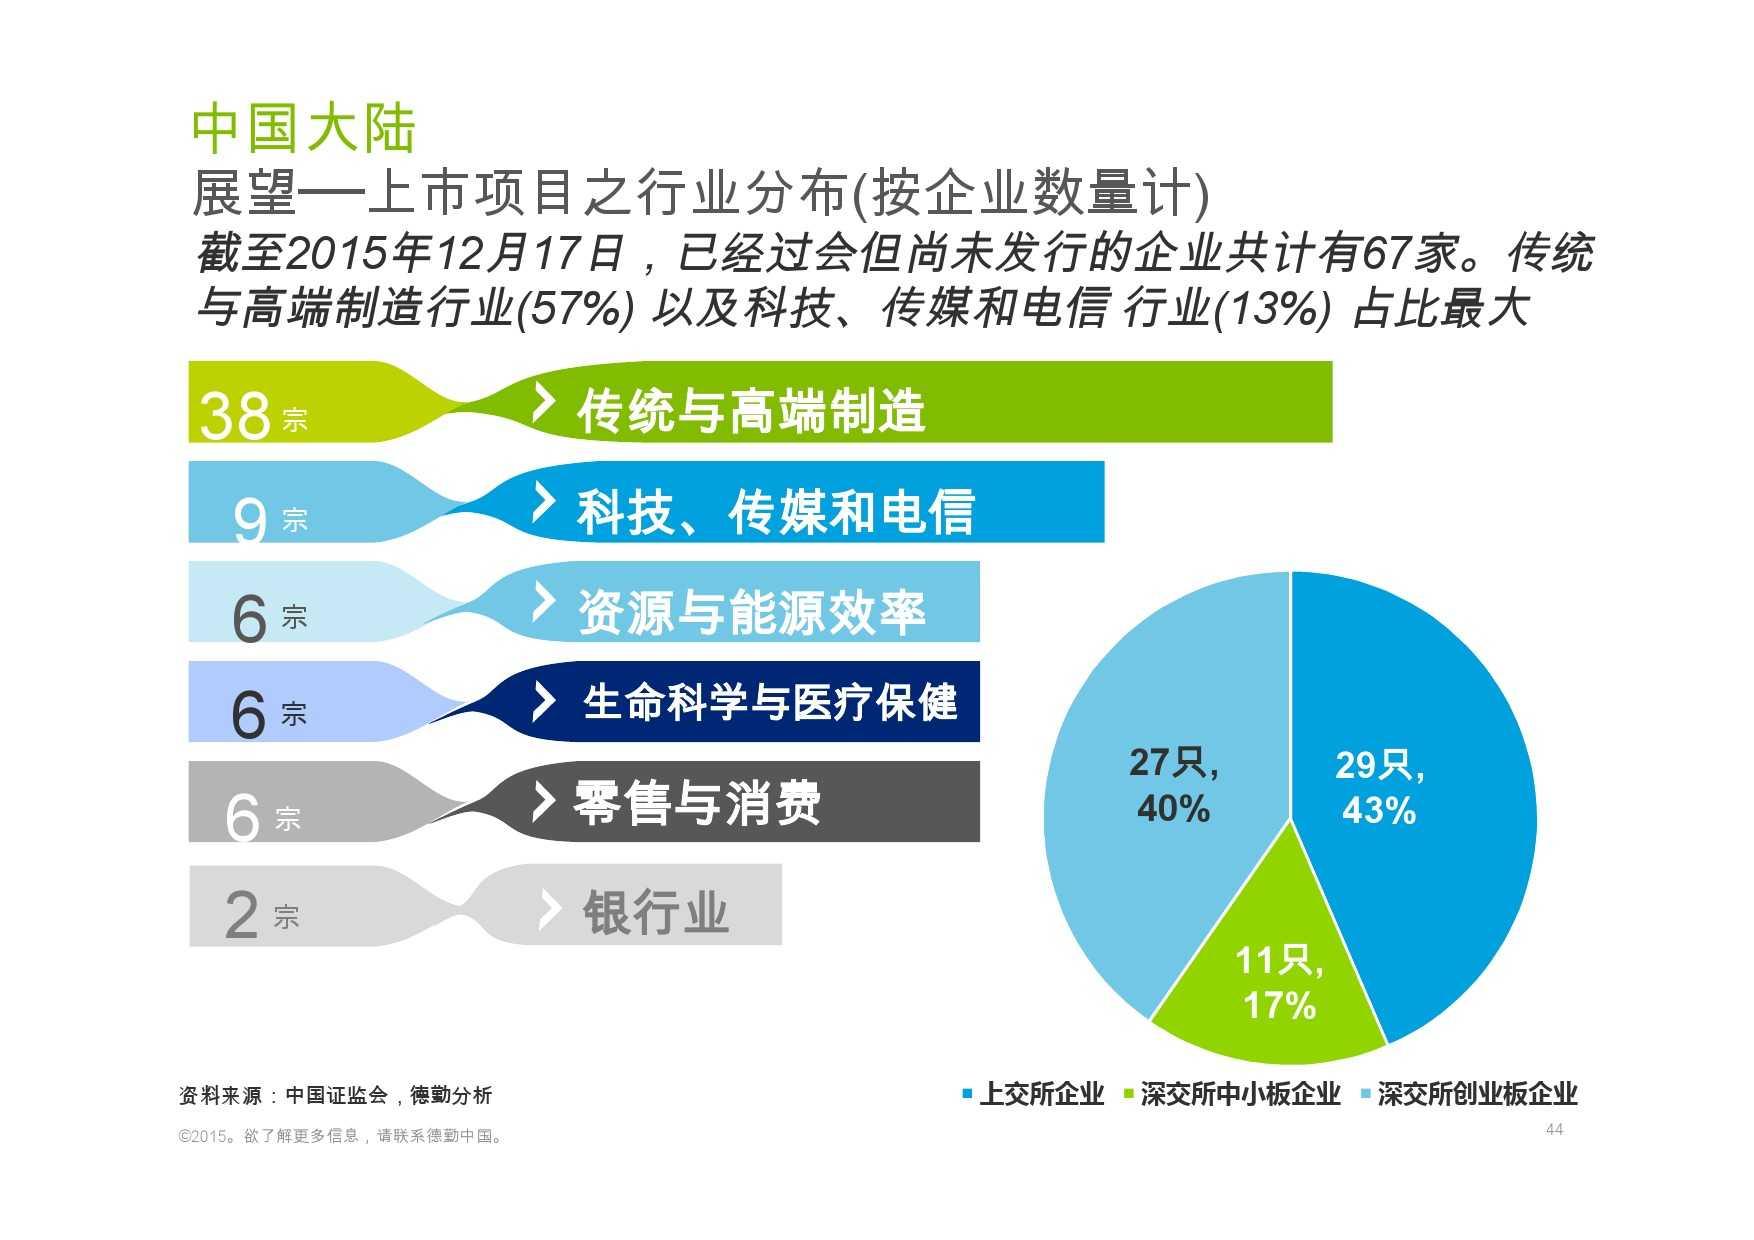 德勤:香港及中国大陆IPO巿场2015年回顾与2016年展望_000044